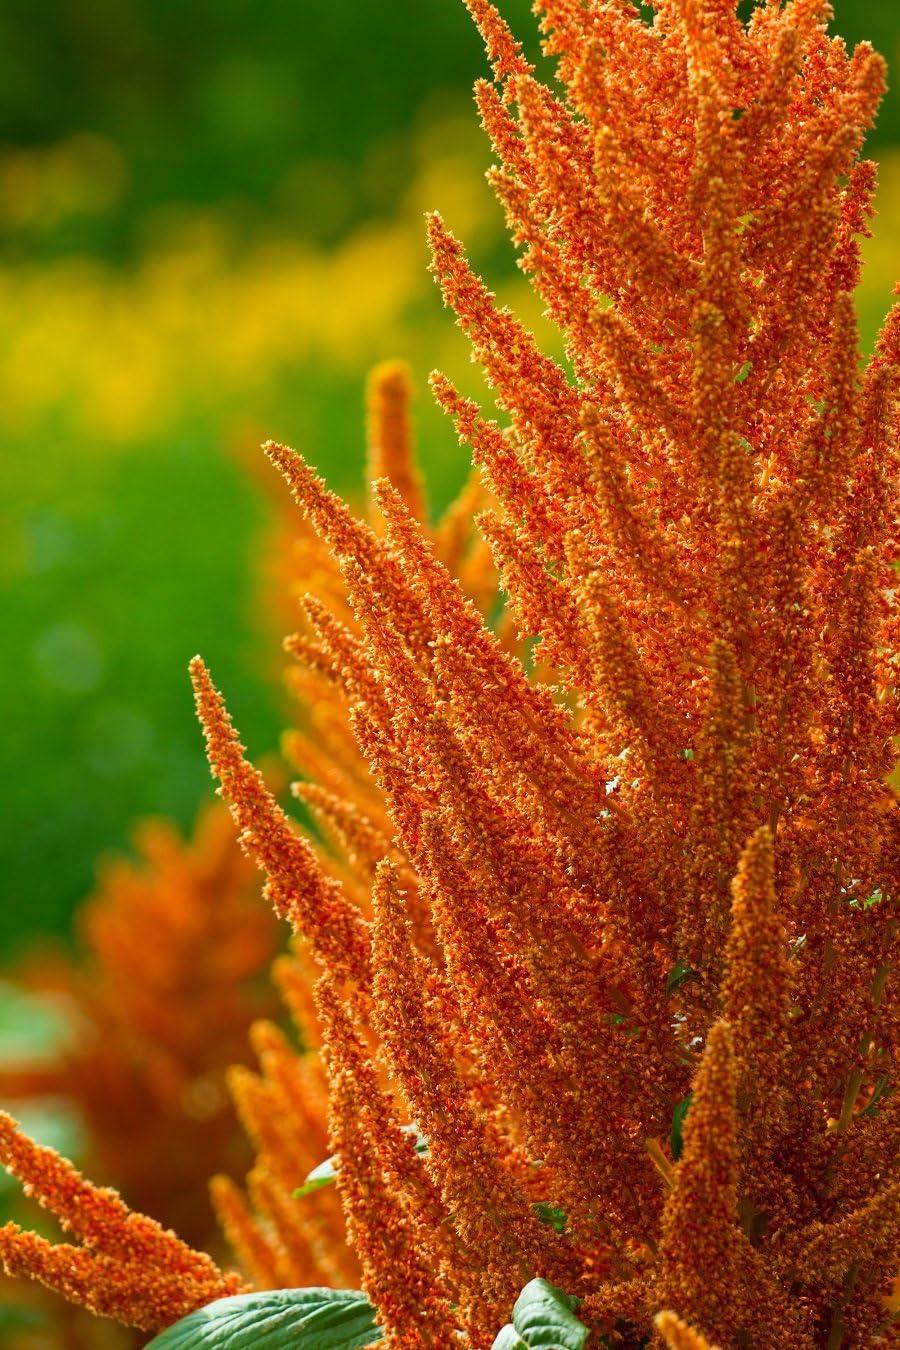 amarante mexicaine amarante rouge plume de prince 700 graines Sang damaranteBronze; Amarante pourpre